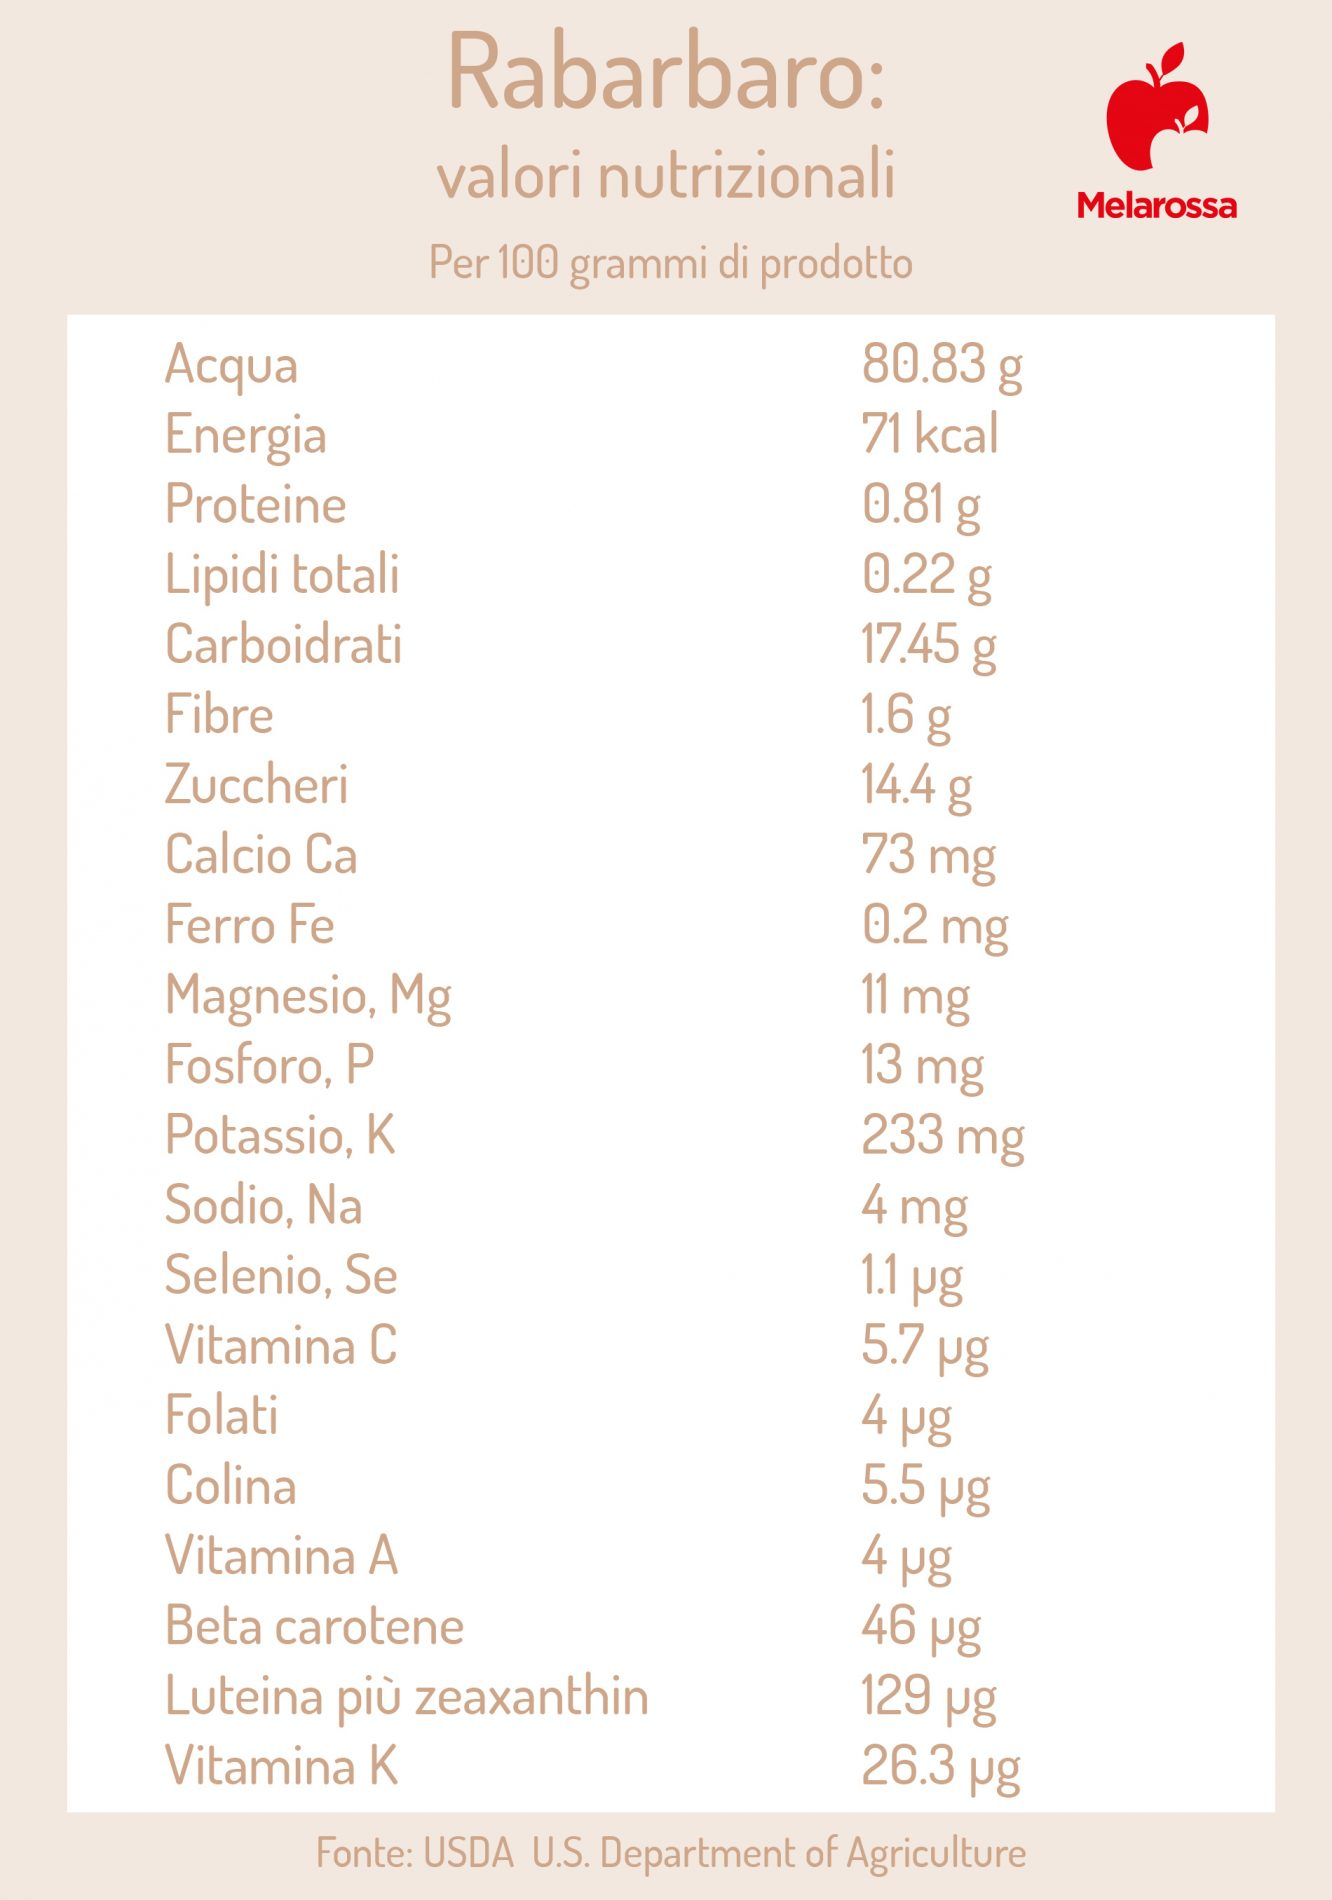 rabarbaro: valori nutrizionali